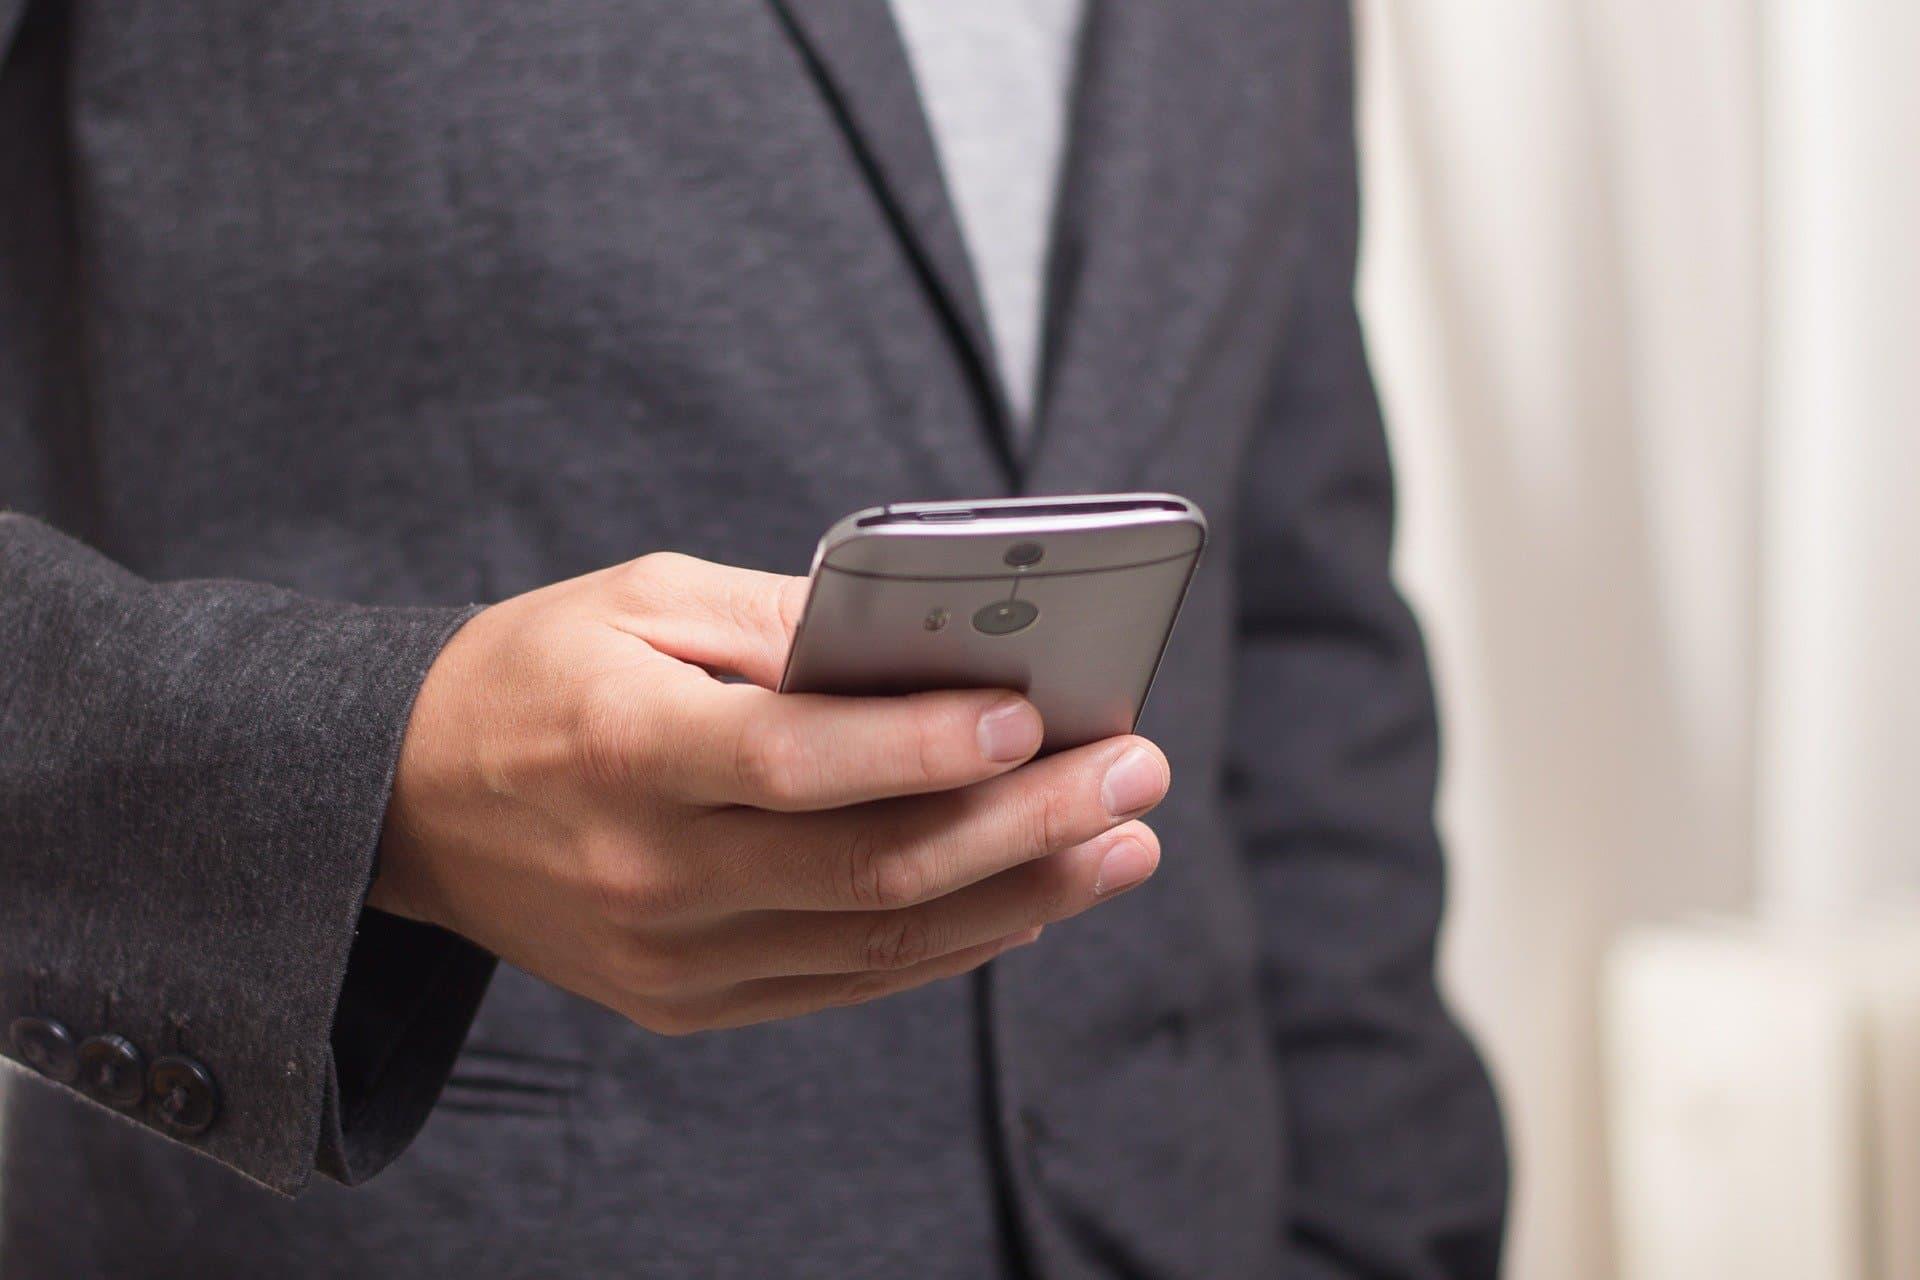 nowoczesna obsługa klienta mężczyzna ze smartfonem w dłoni